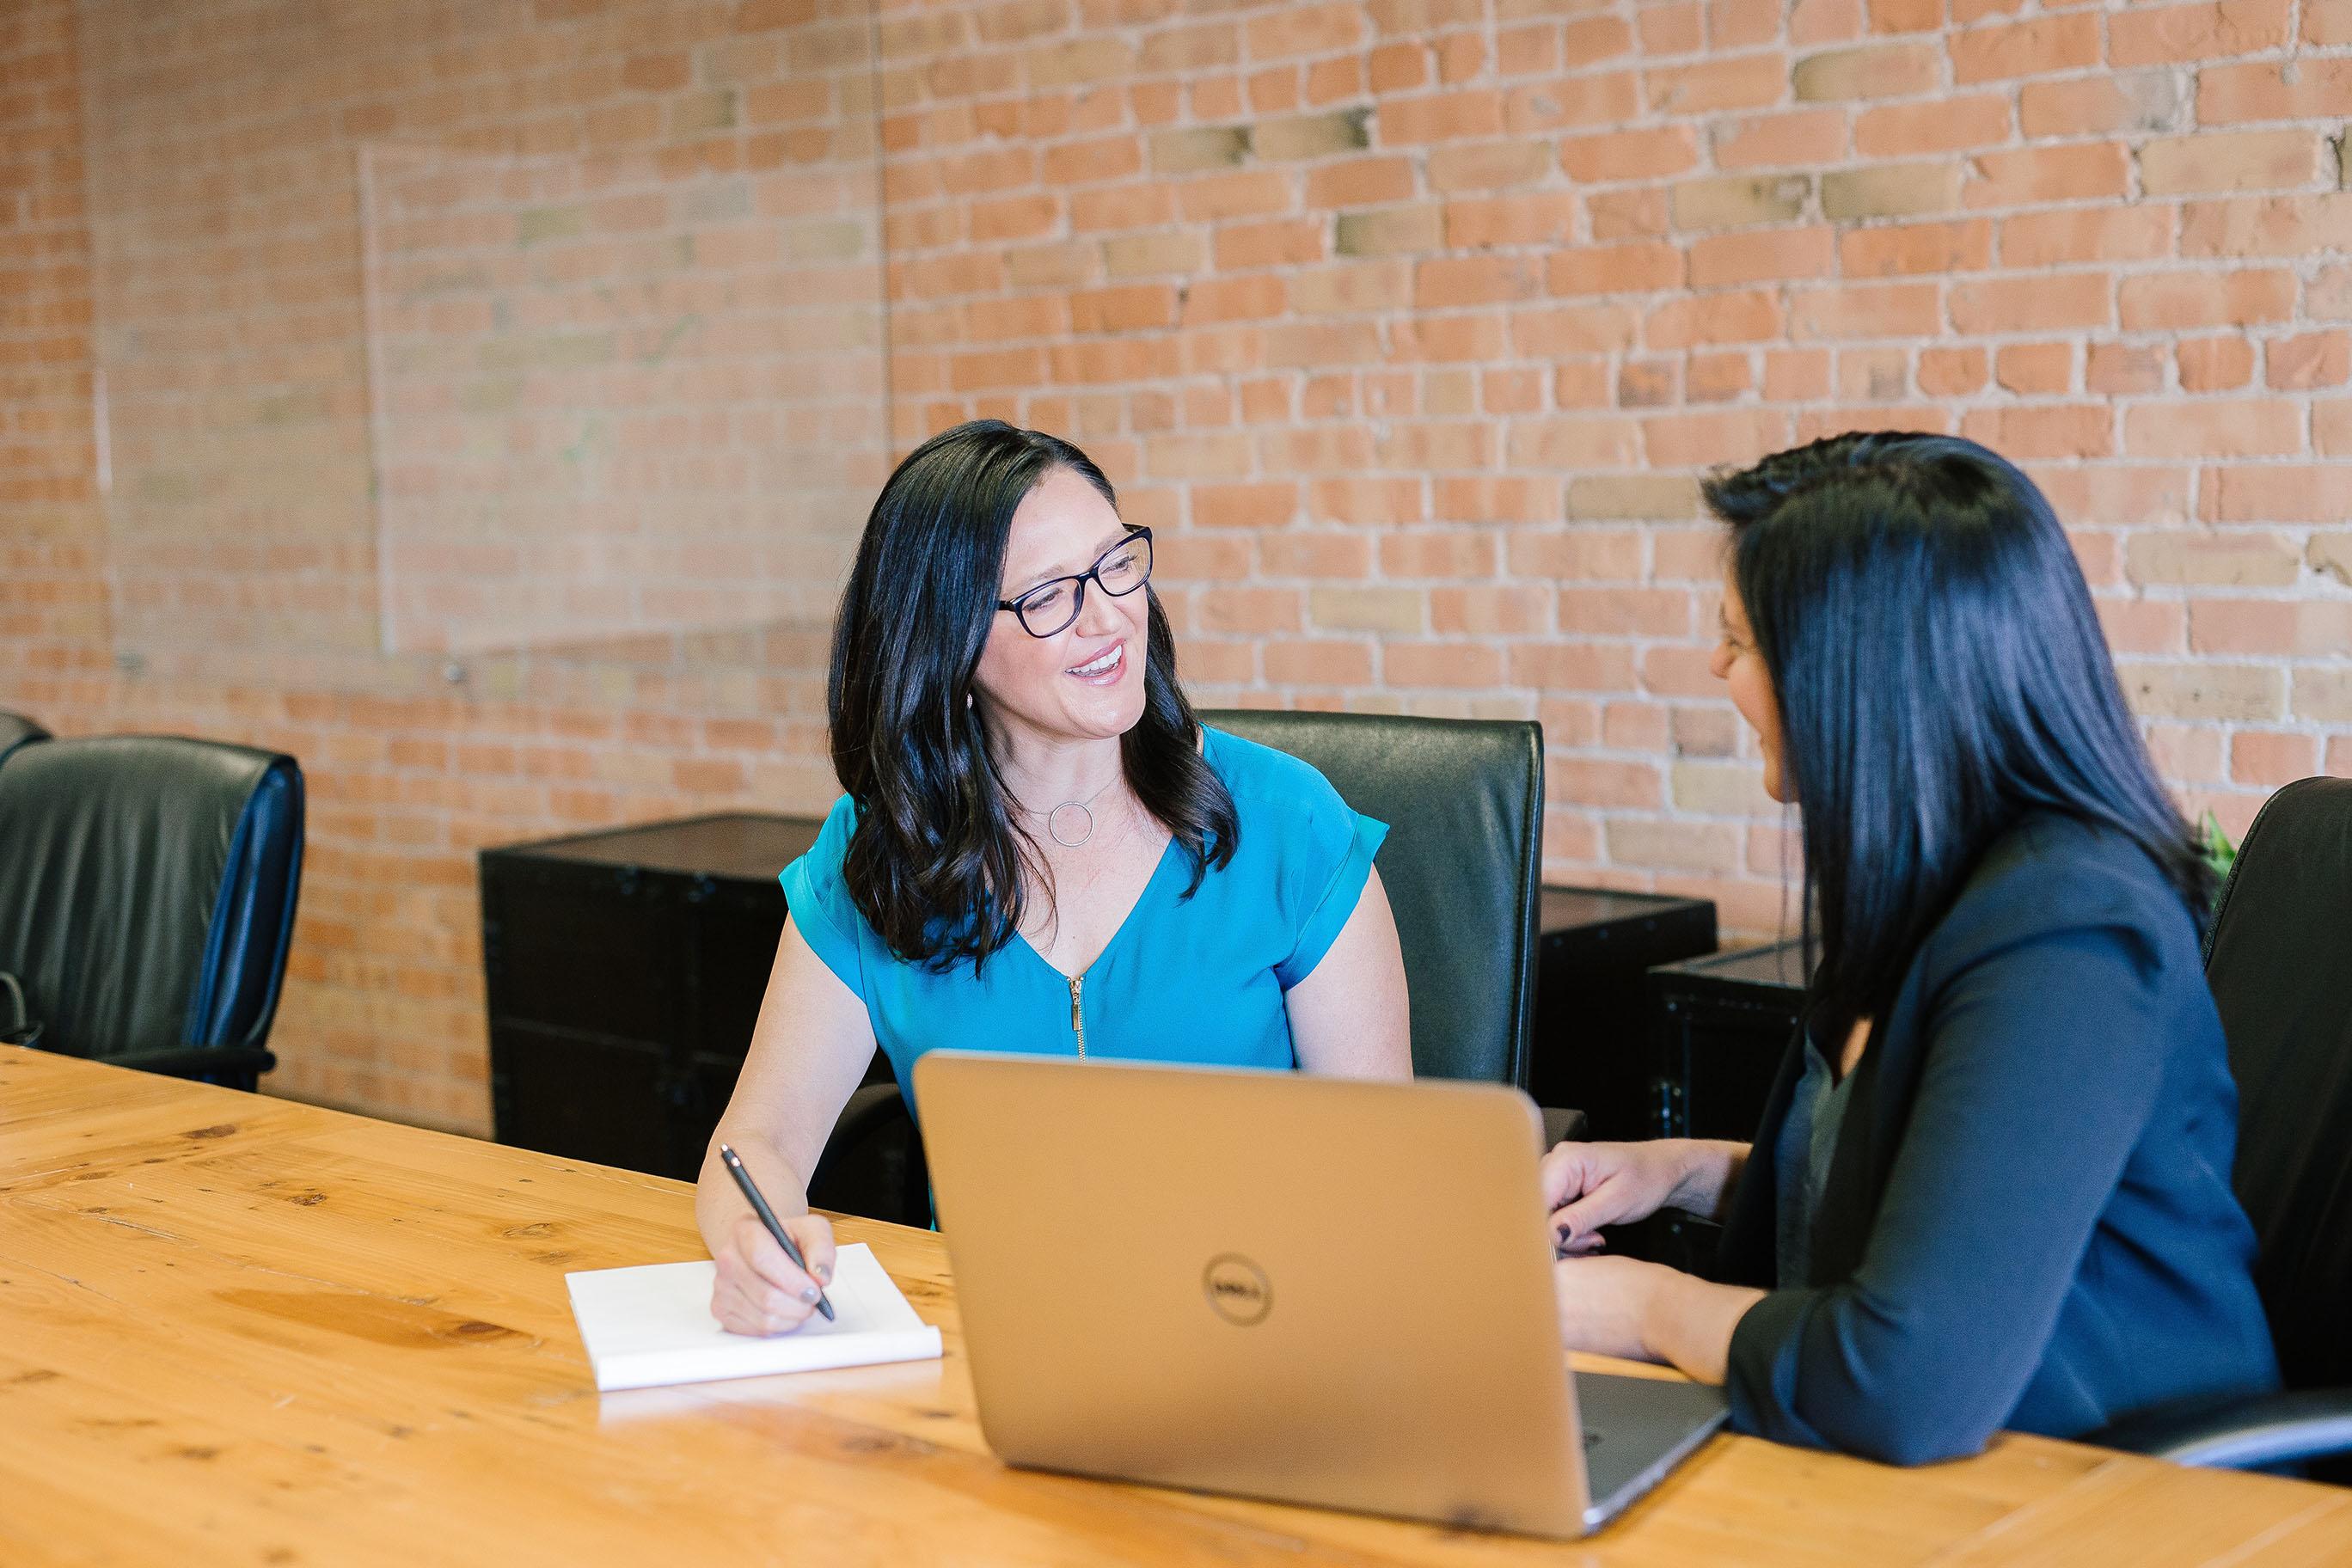 deux femmes discutant autour d'une table orthographiq